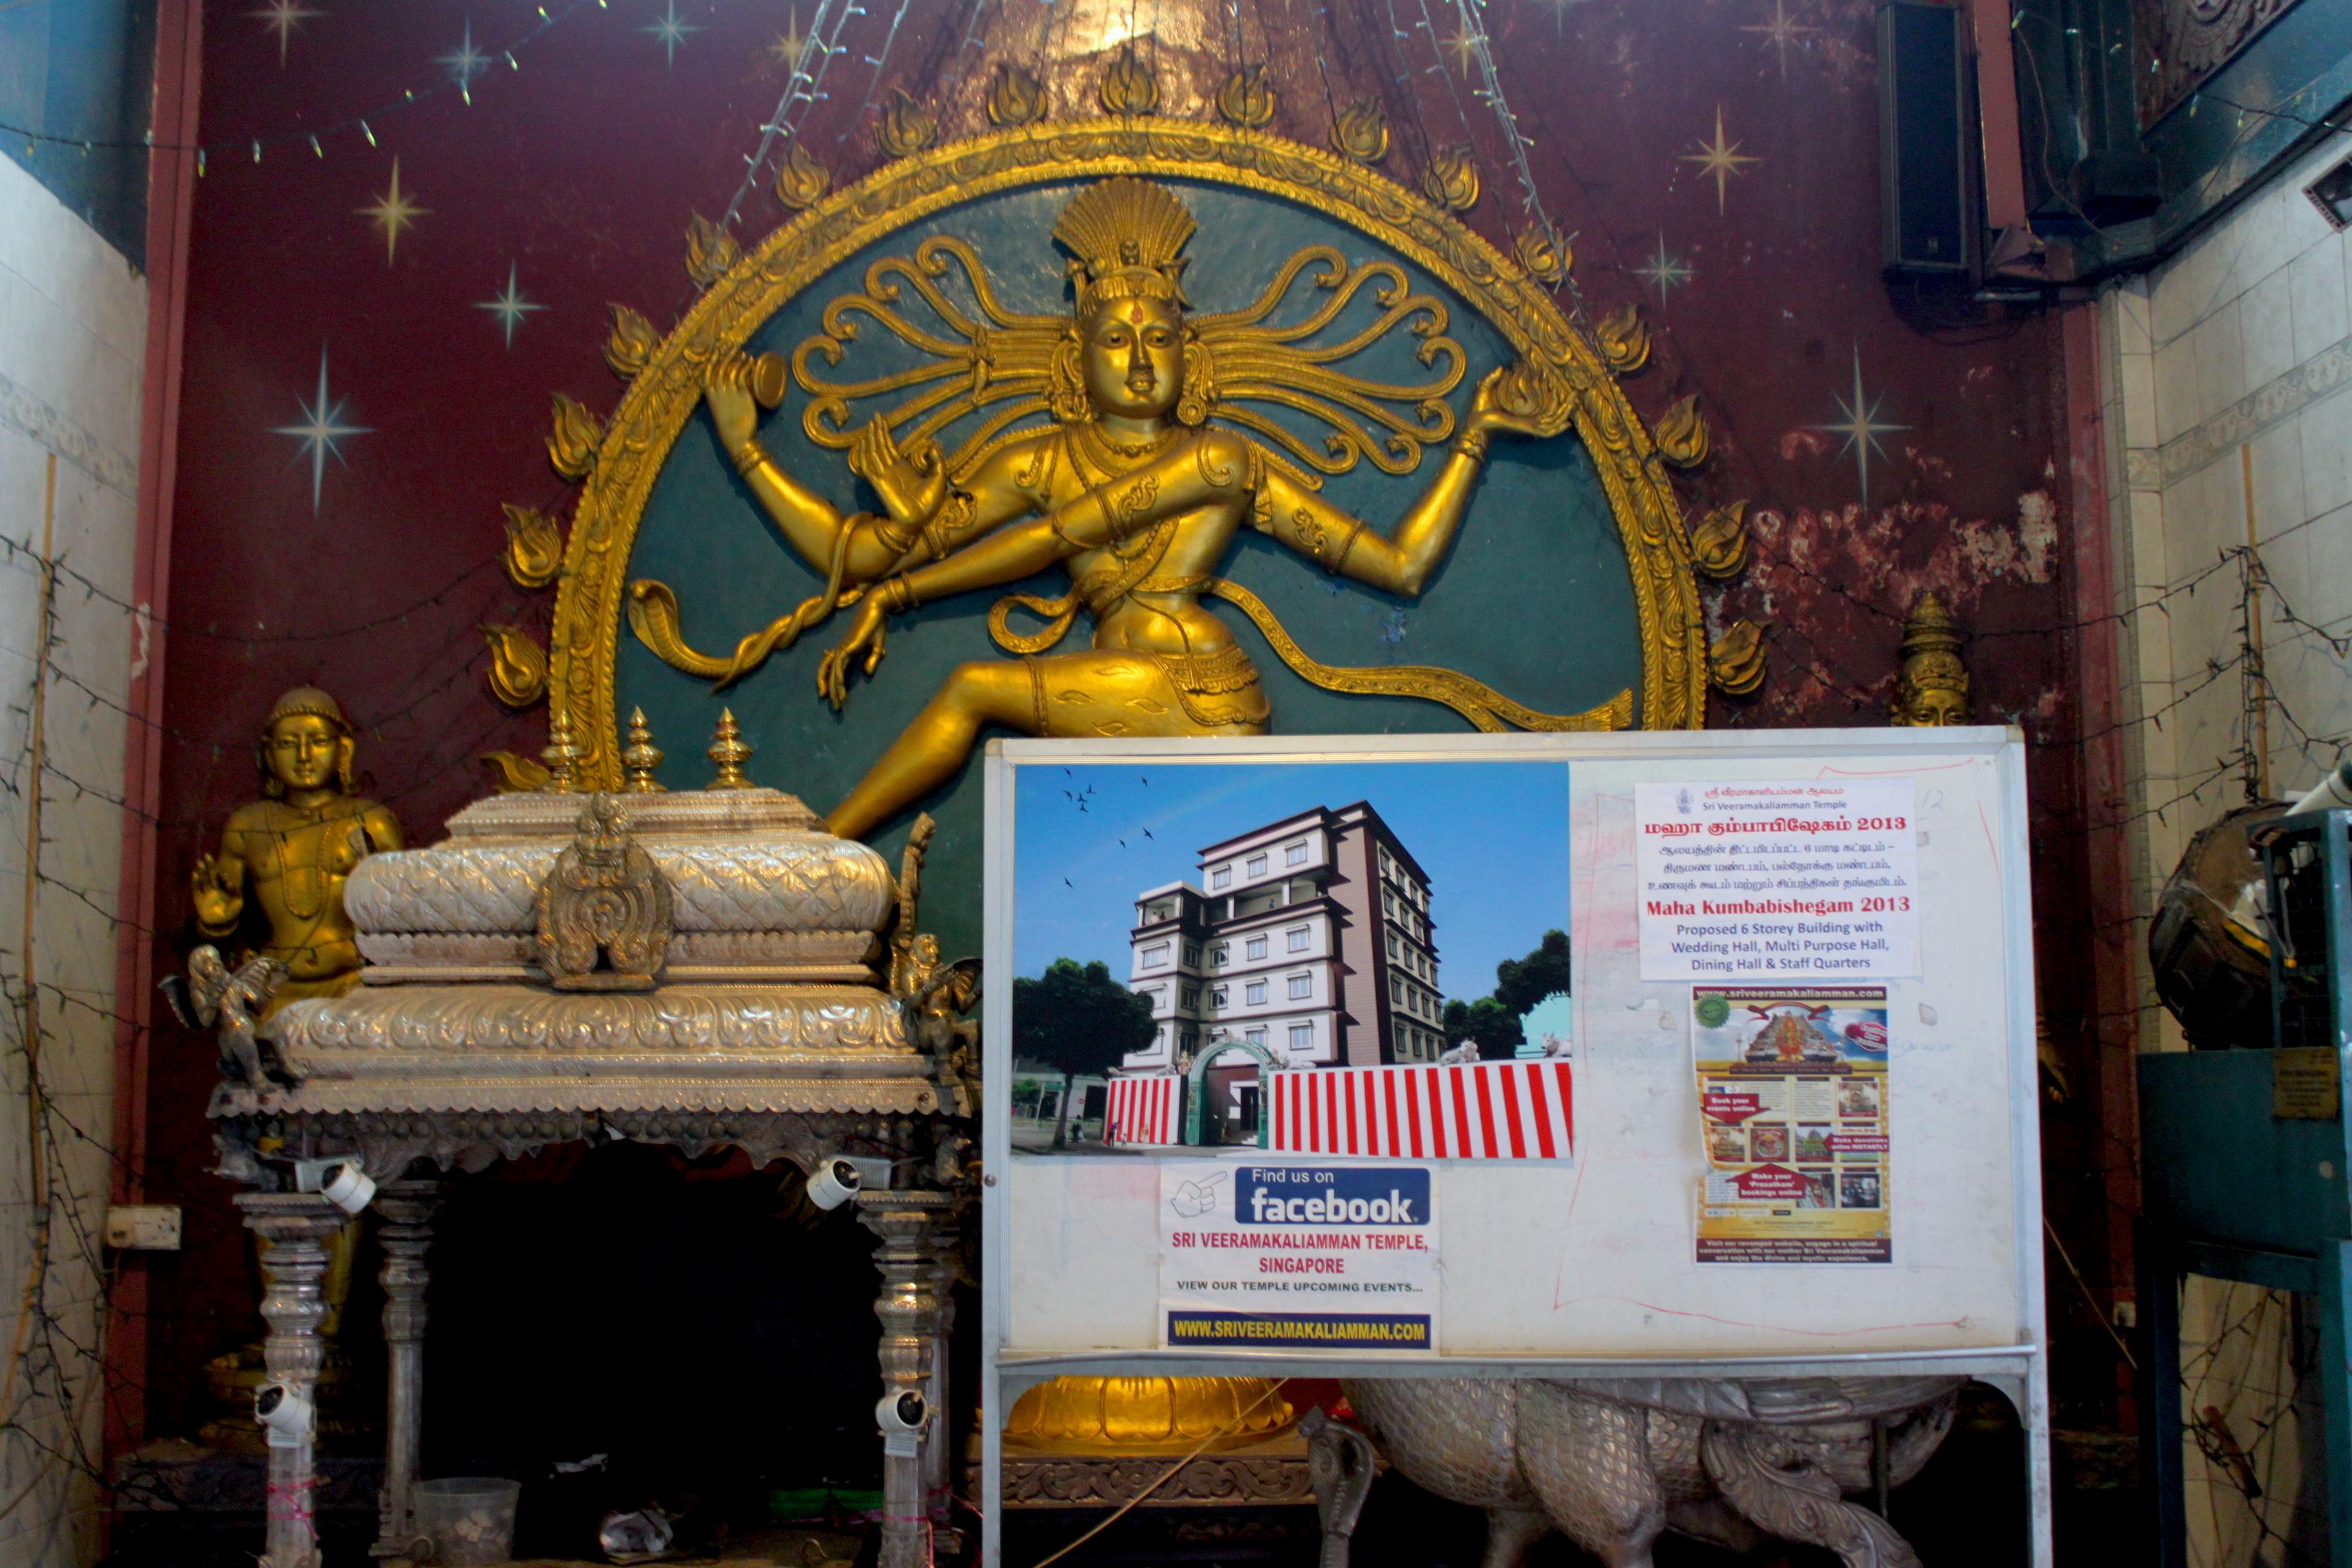 Anche il tempio ha la pagina Facebook